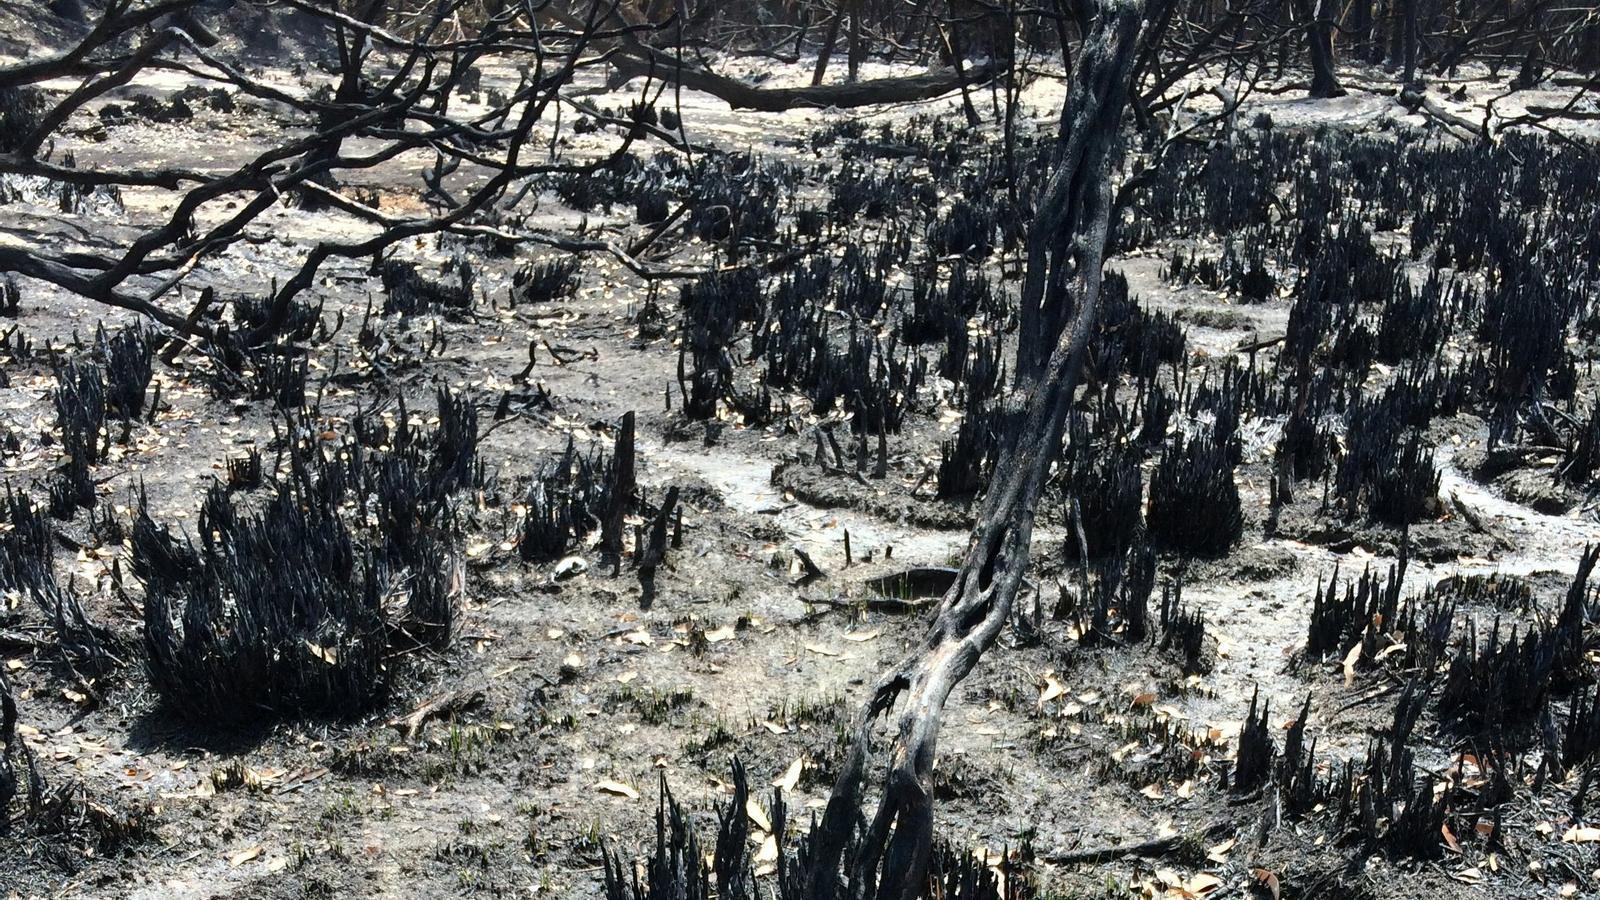 Els incendis a Austràlia poden agreujar l'emergència climàtica